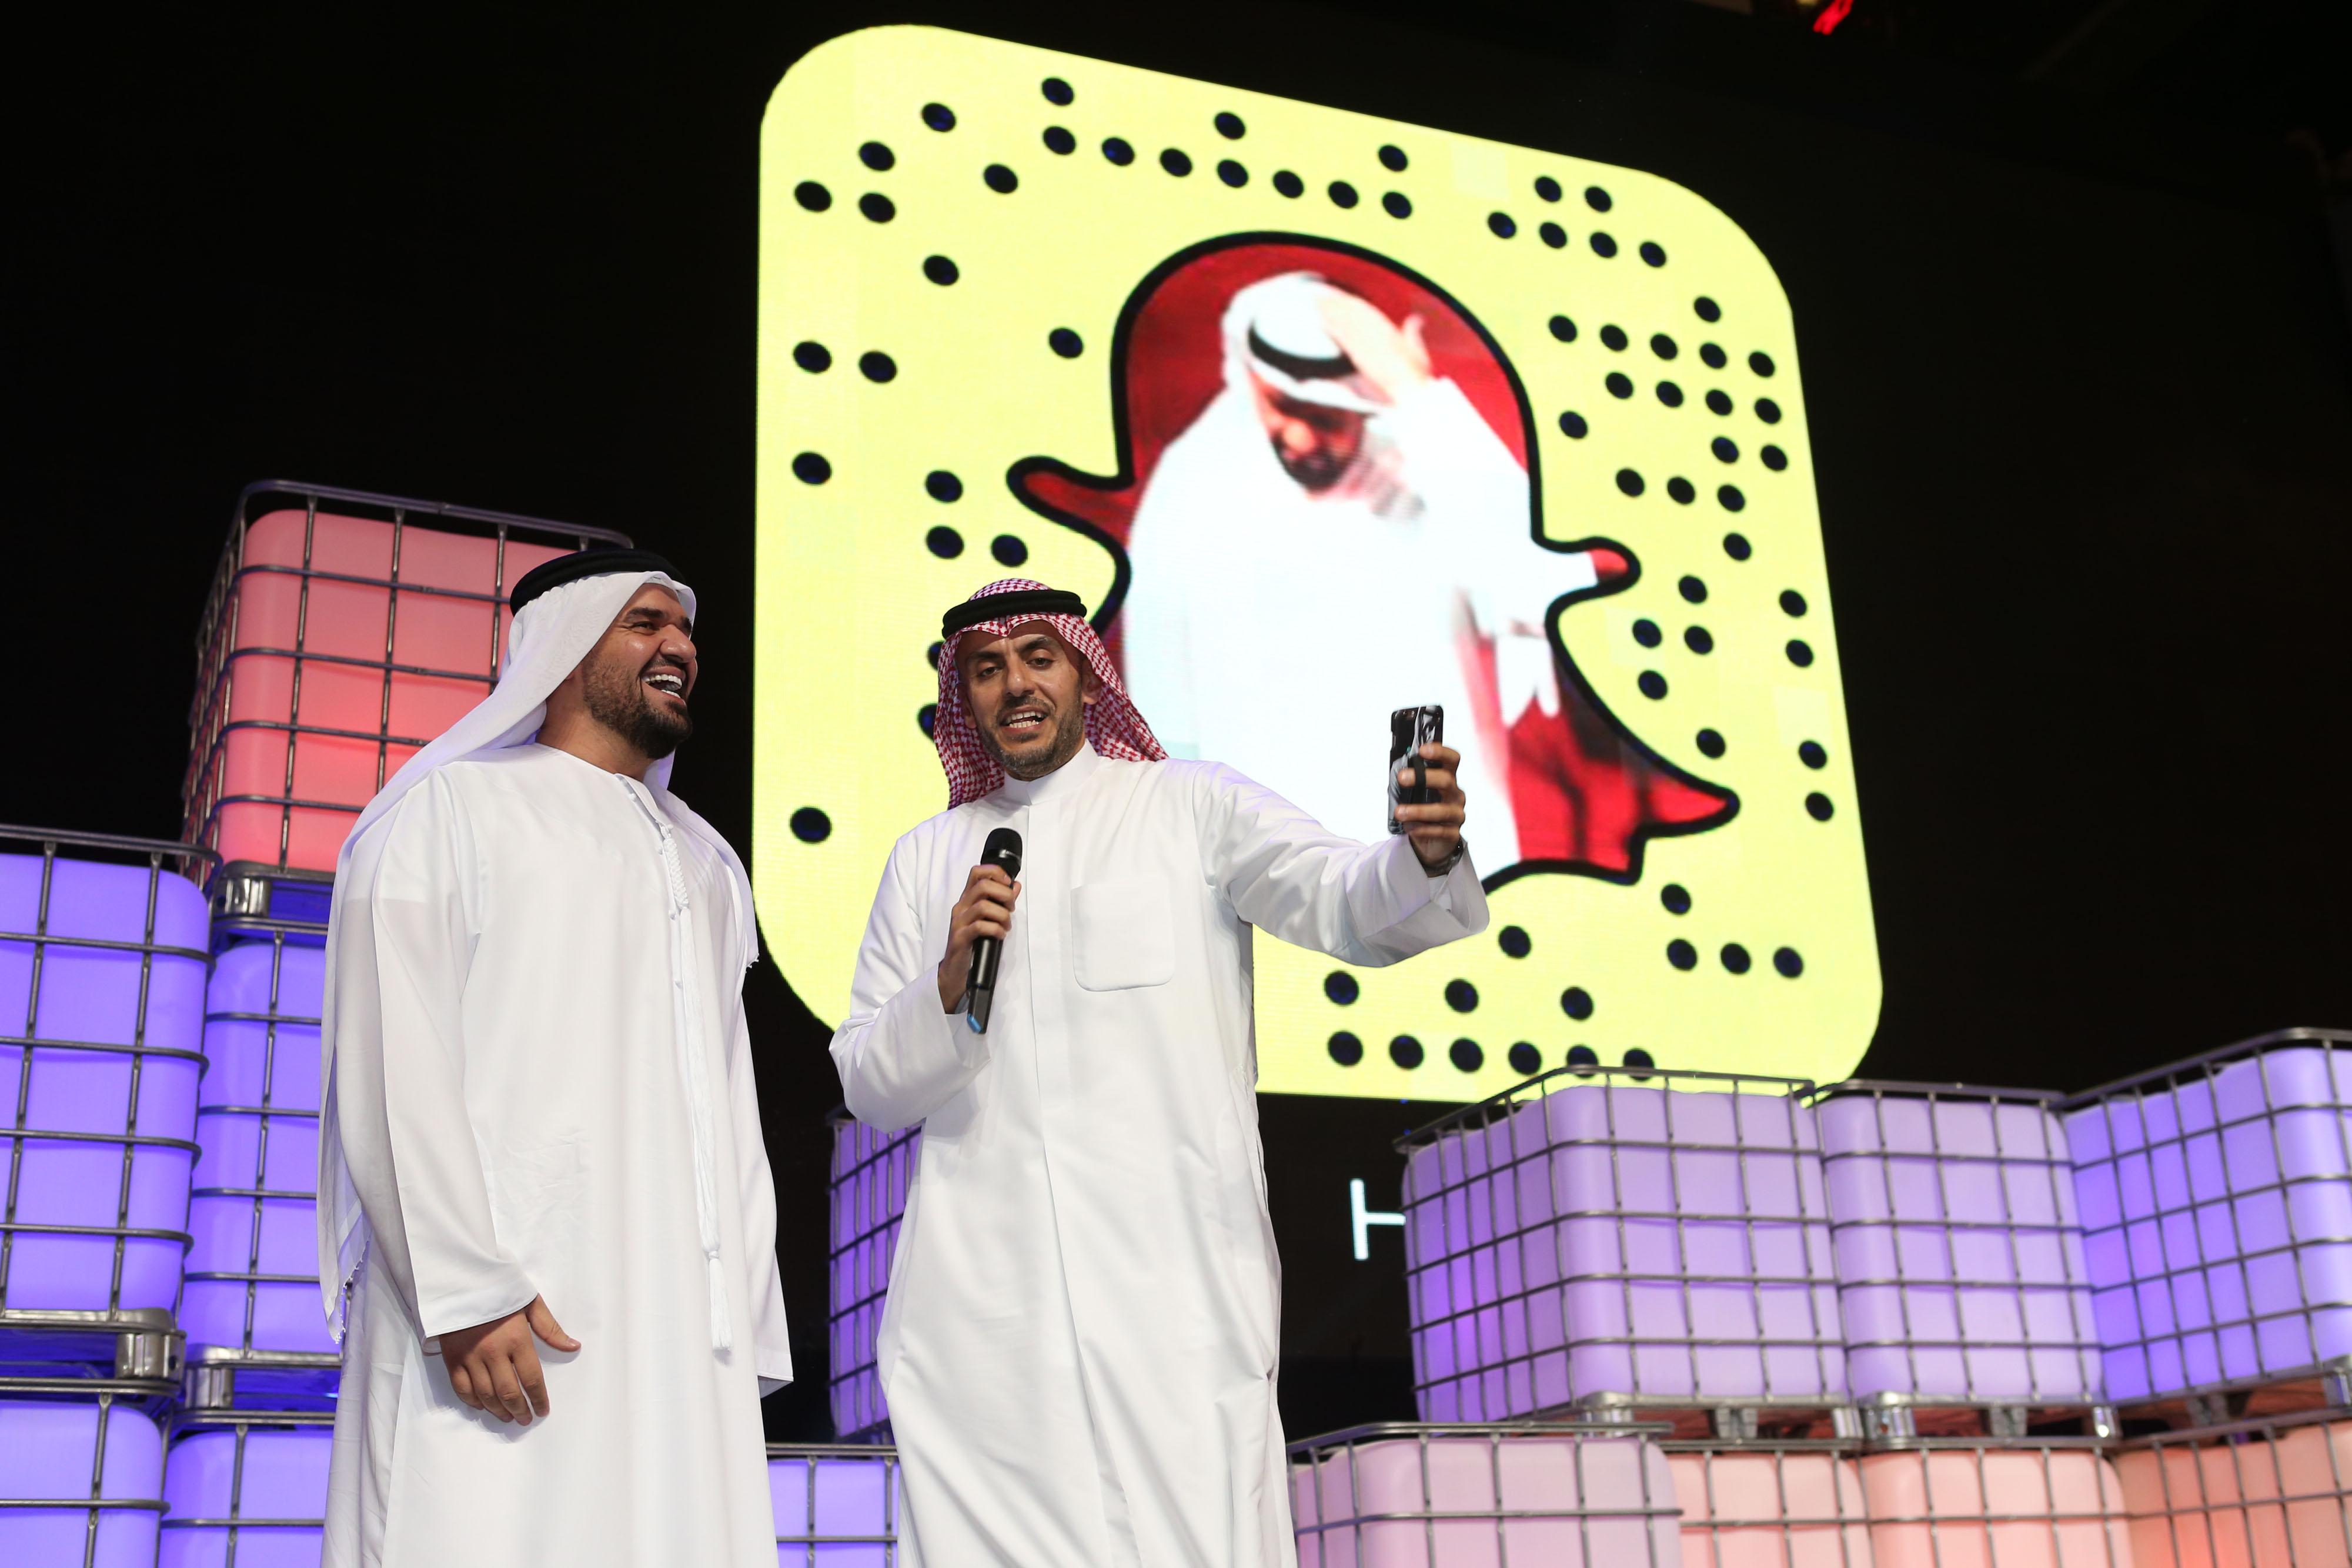 صورة السابقة الأولى في الشرق الأوسط والعالم العربي  حسين الجسمي يدشن حسابه في SnapChat أمام أكثر من 200 مليون مشاهد في العالم